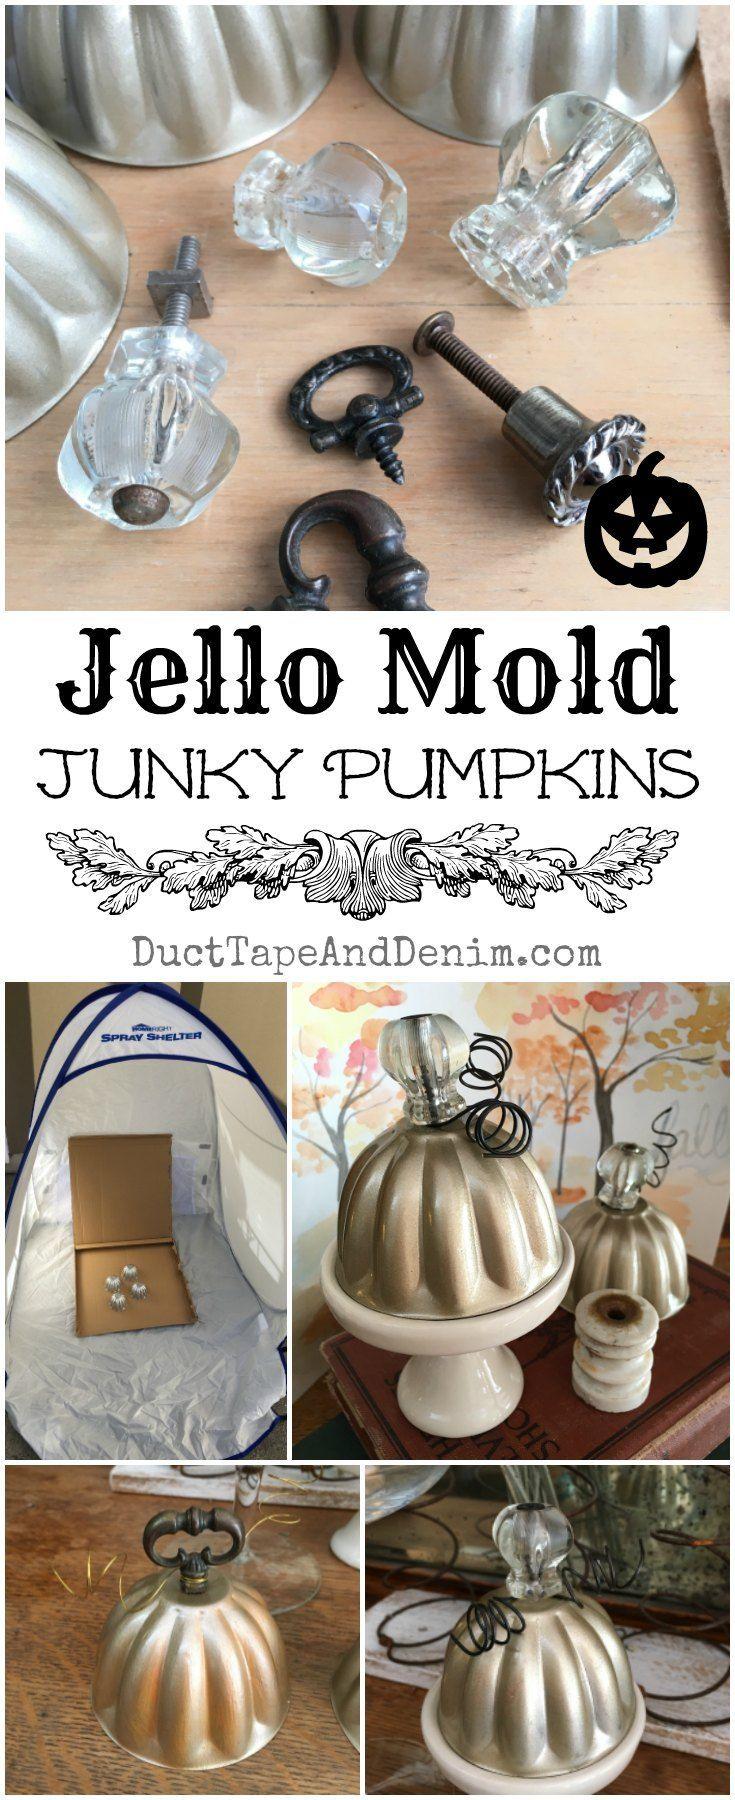 Jello mold junky pumpkins, spray paint vintage jello molds. Details on DuctTapeAndDenim.com